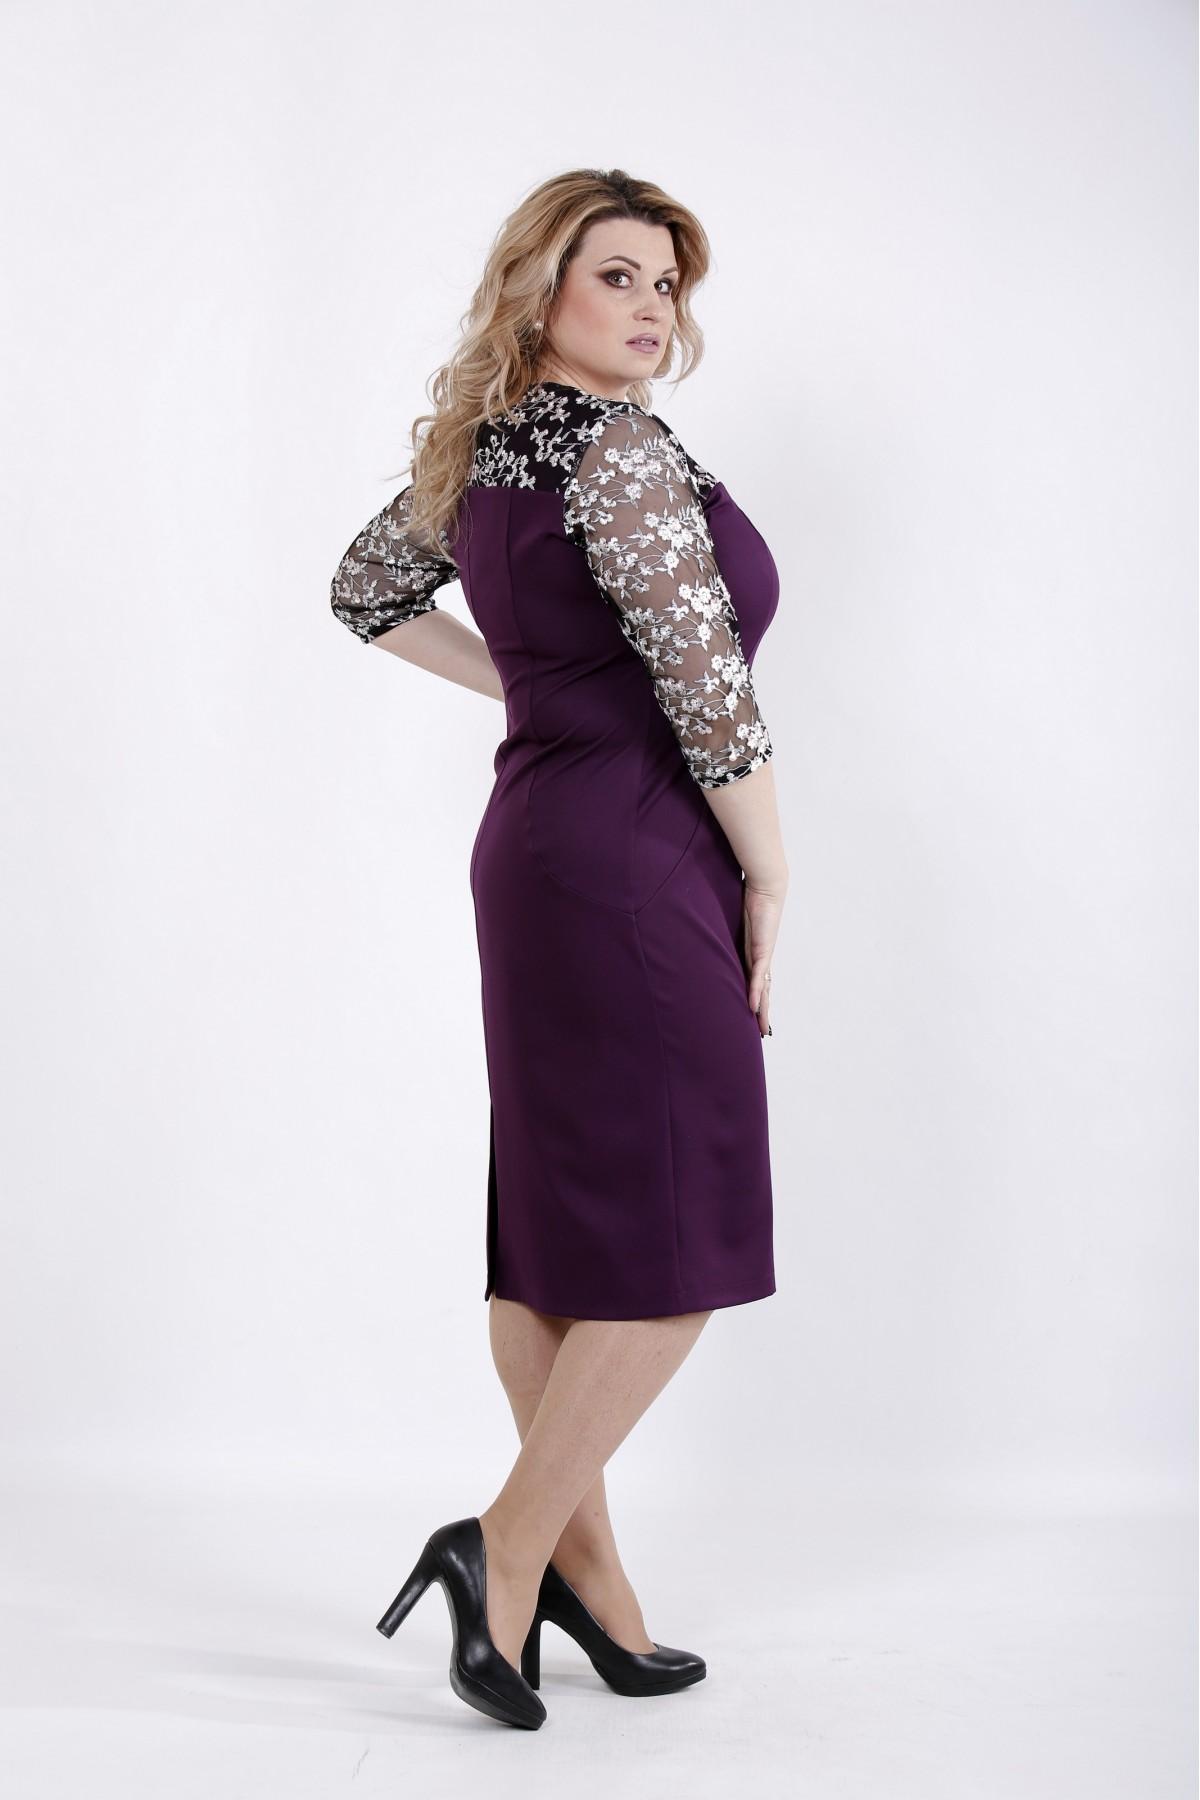 ... Фото Красиве плаття з вишивкою на сітці  3766e951e0a45